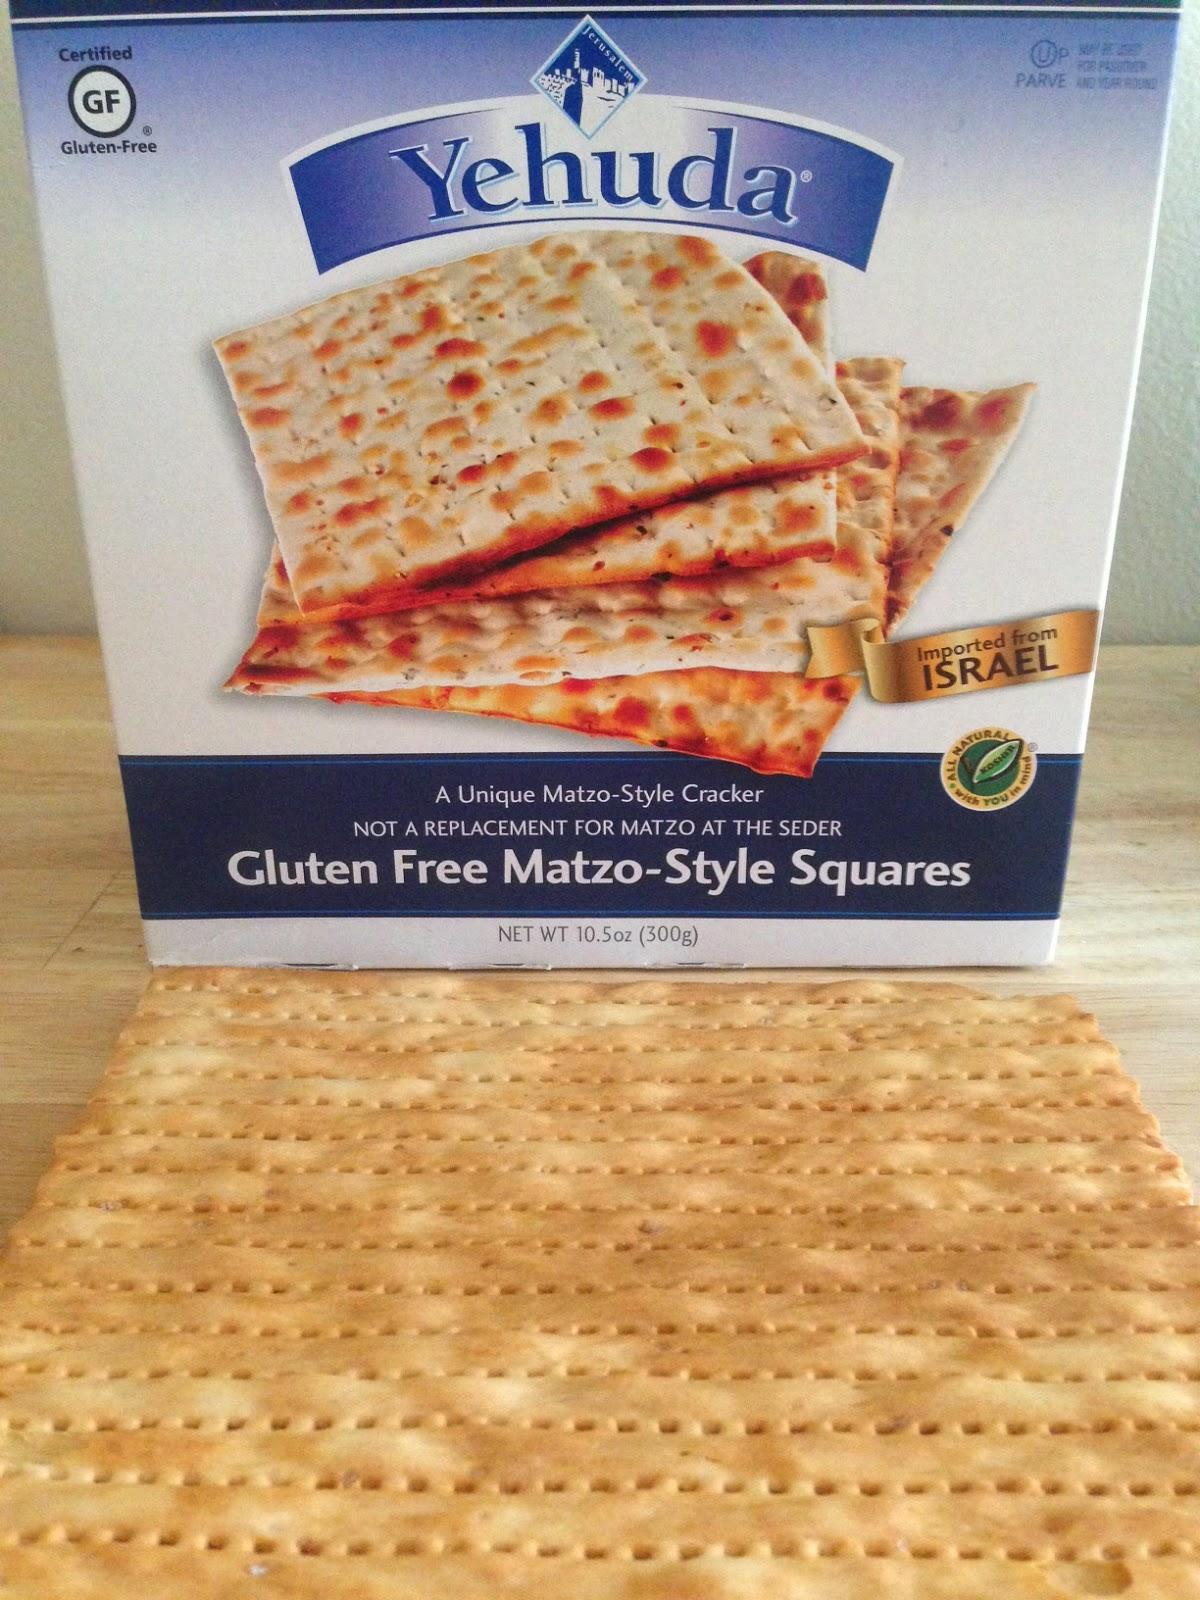 Gluten-Free matzo for @GlutenFreeG matzo brei recipe